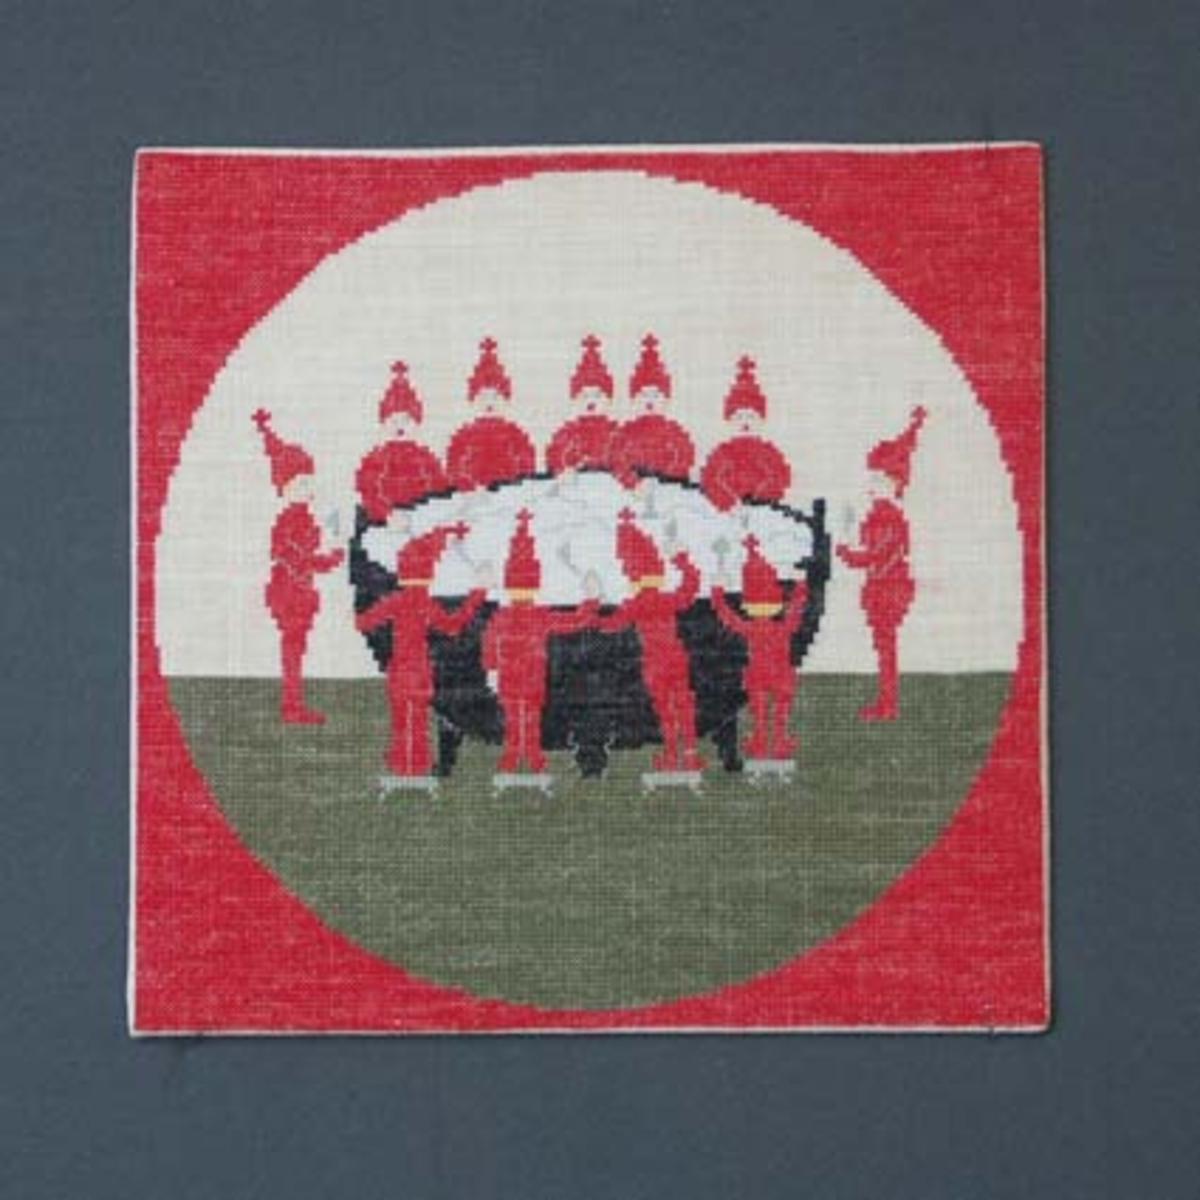 Julbonad med korsstygnsbroderi på linneväv. Bonaden tillhör Runda serien som är en serie julbonader formgivna av Irma Kronlund, en bonad per år från 1971 till 1989.Pris material 208:-.